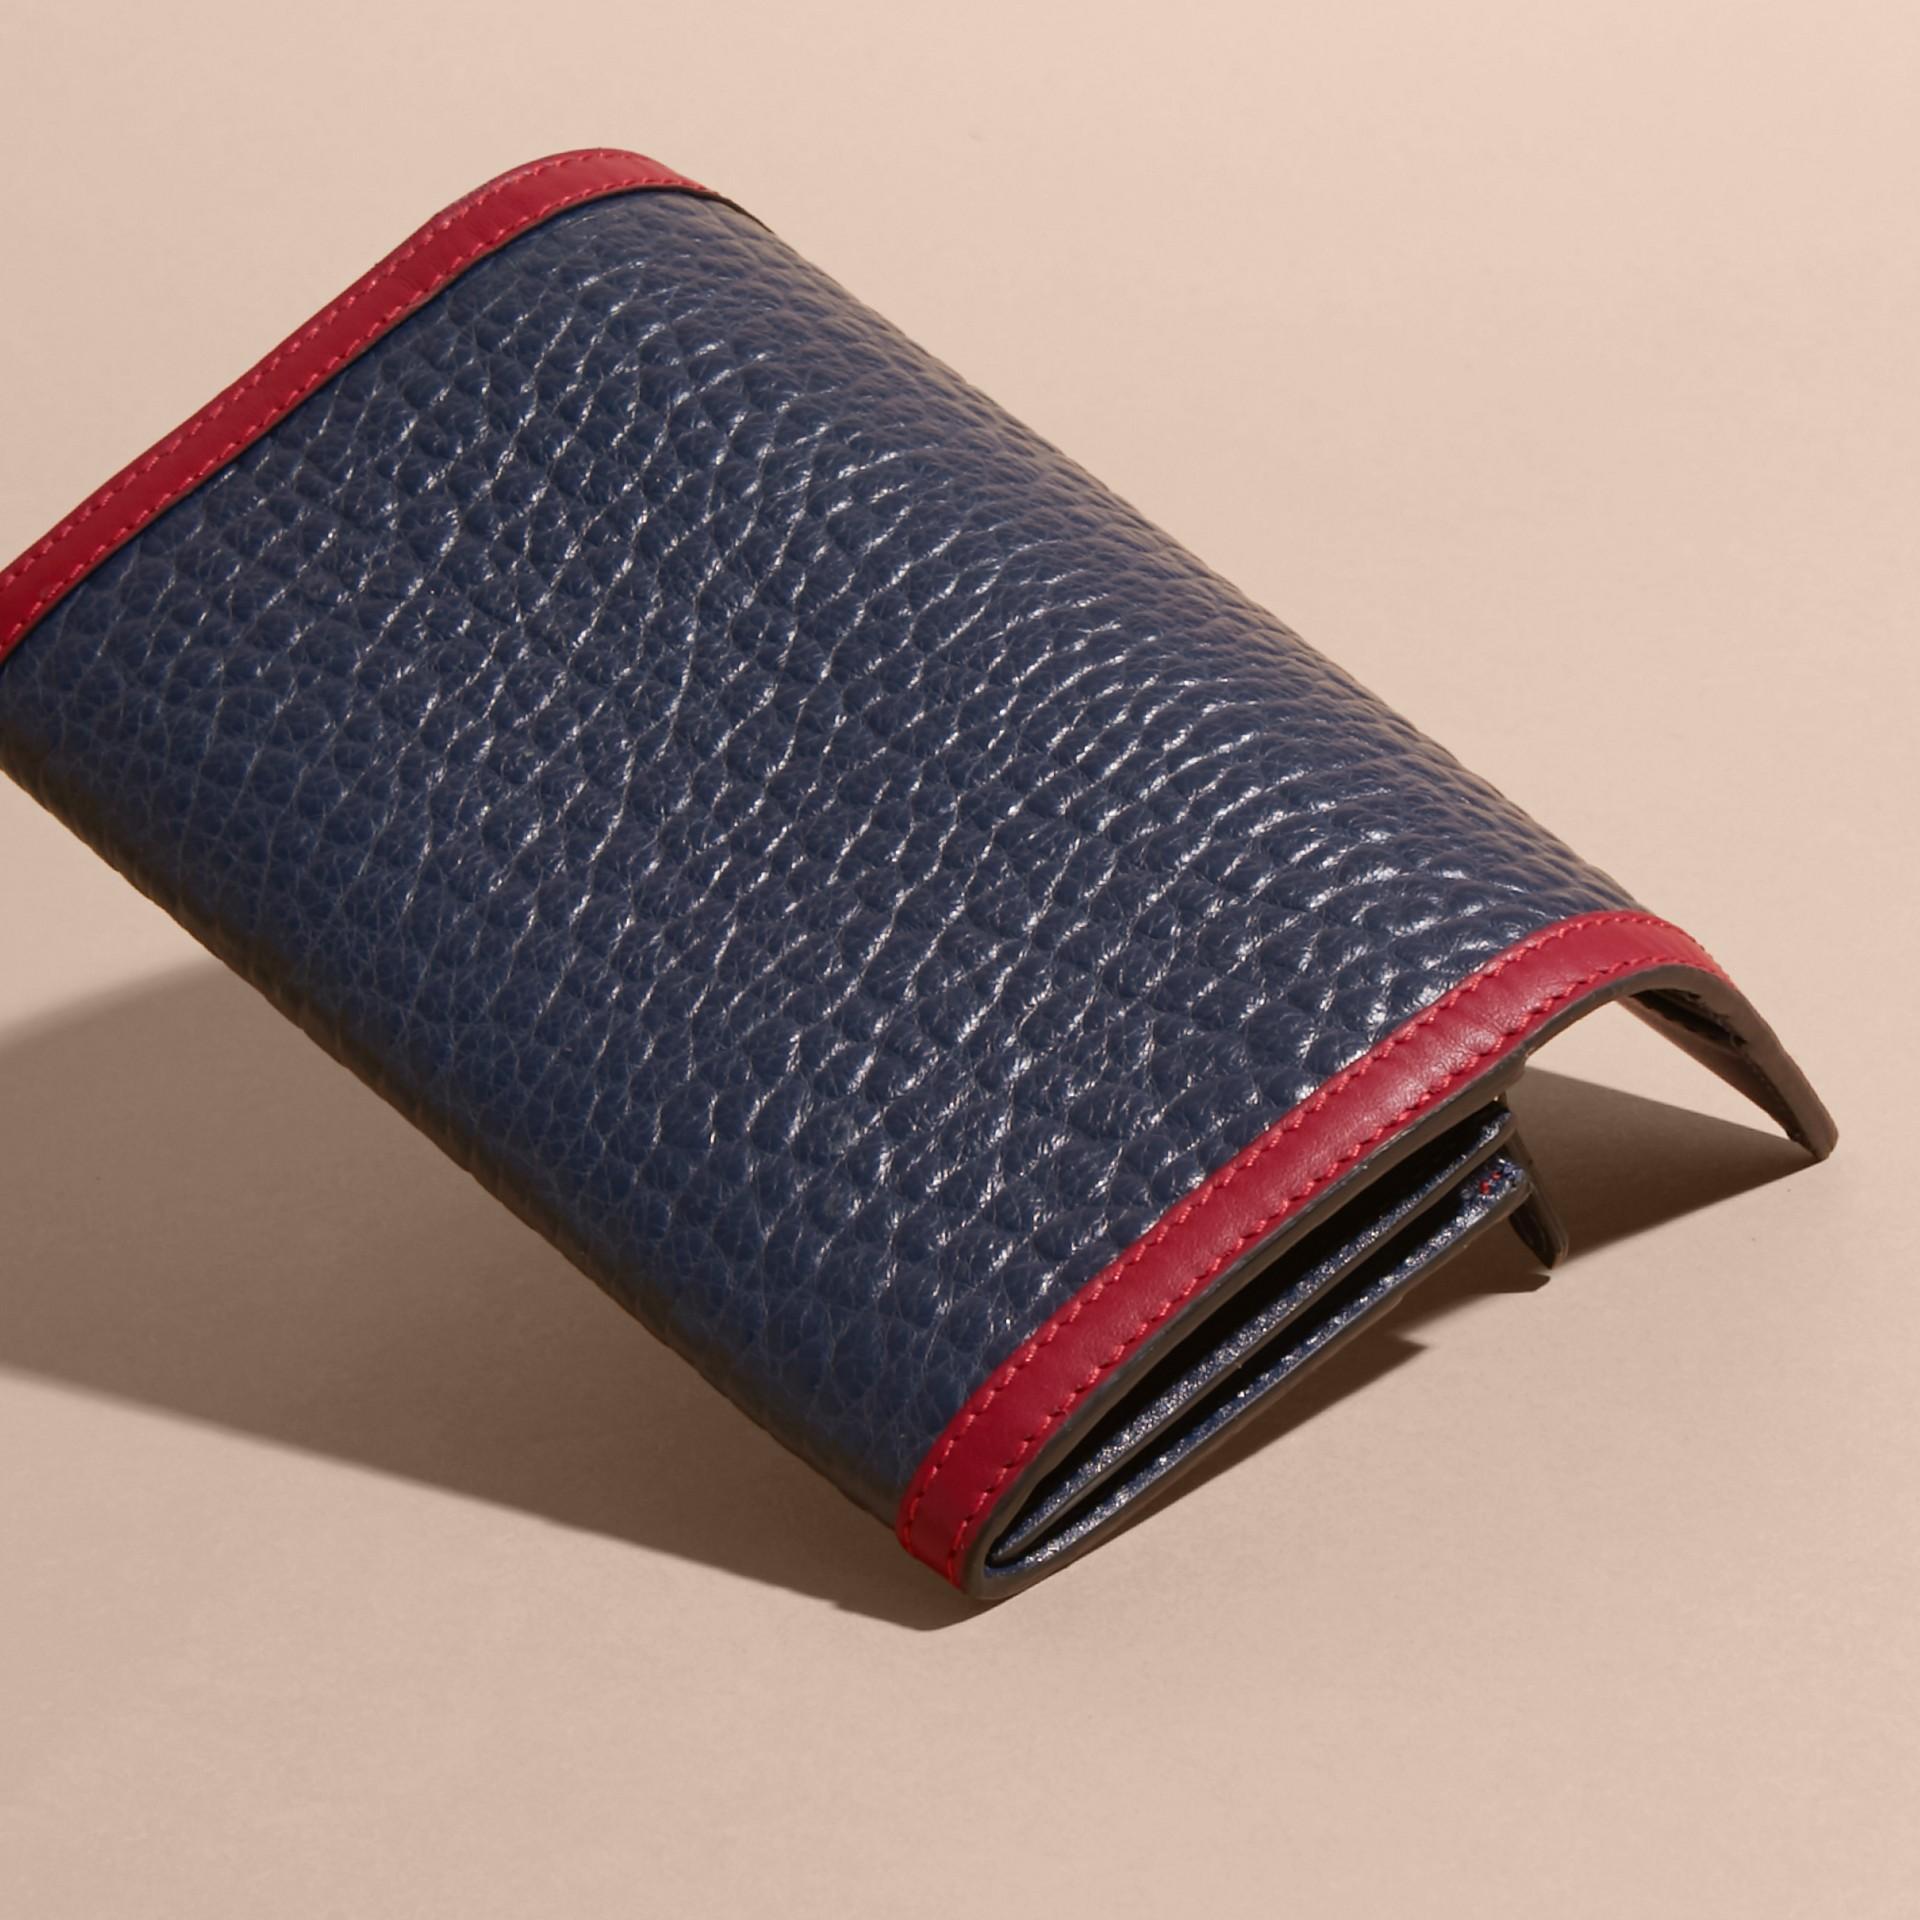 Угольно-синий / парадный красный Классический бумажник из зернистой кожи с окантовкой - изображение 4